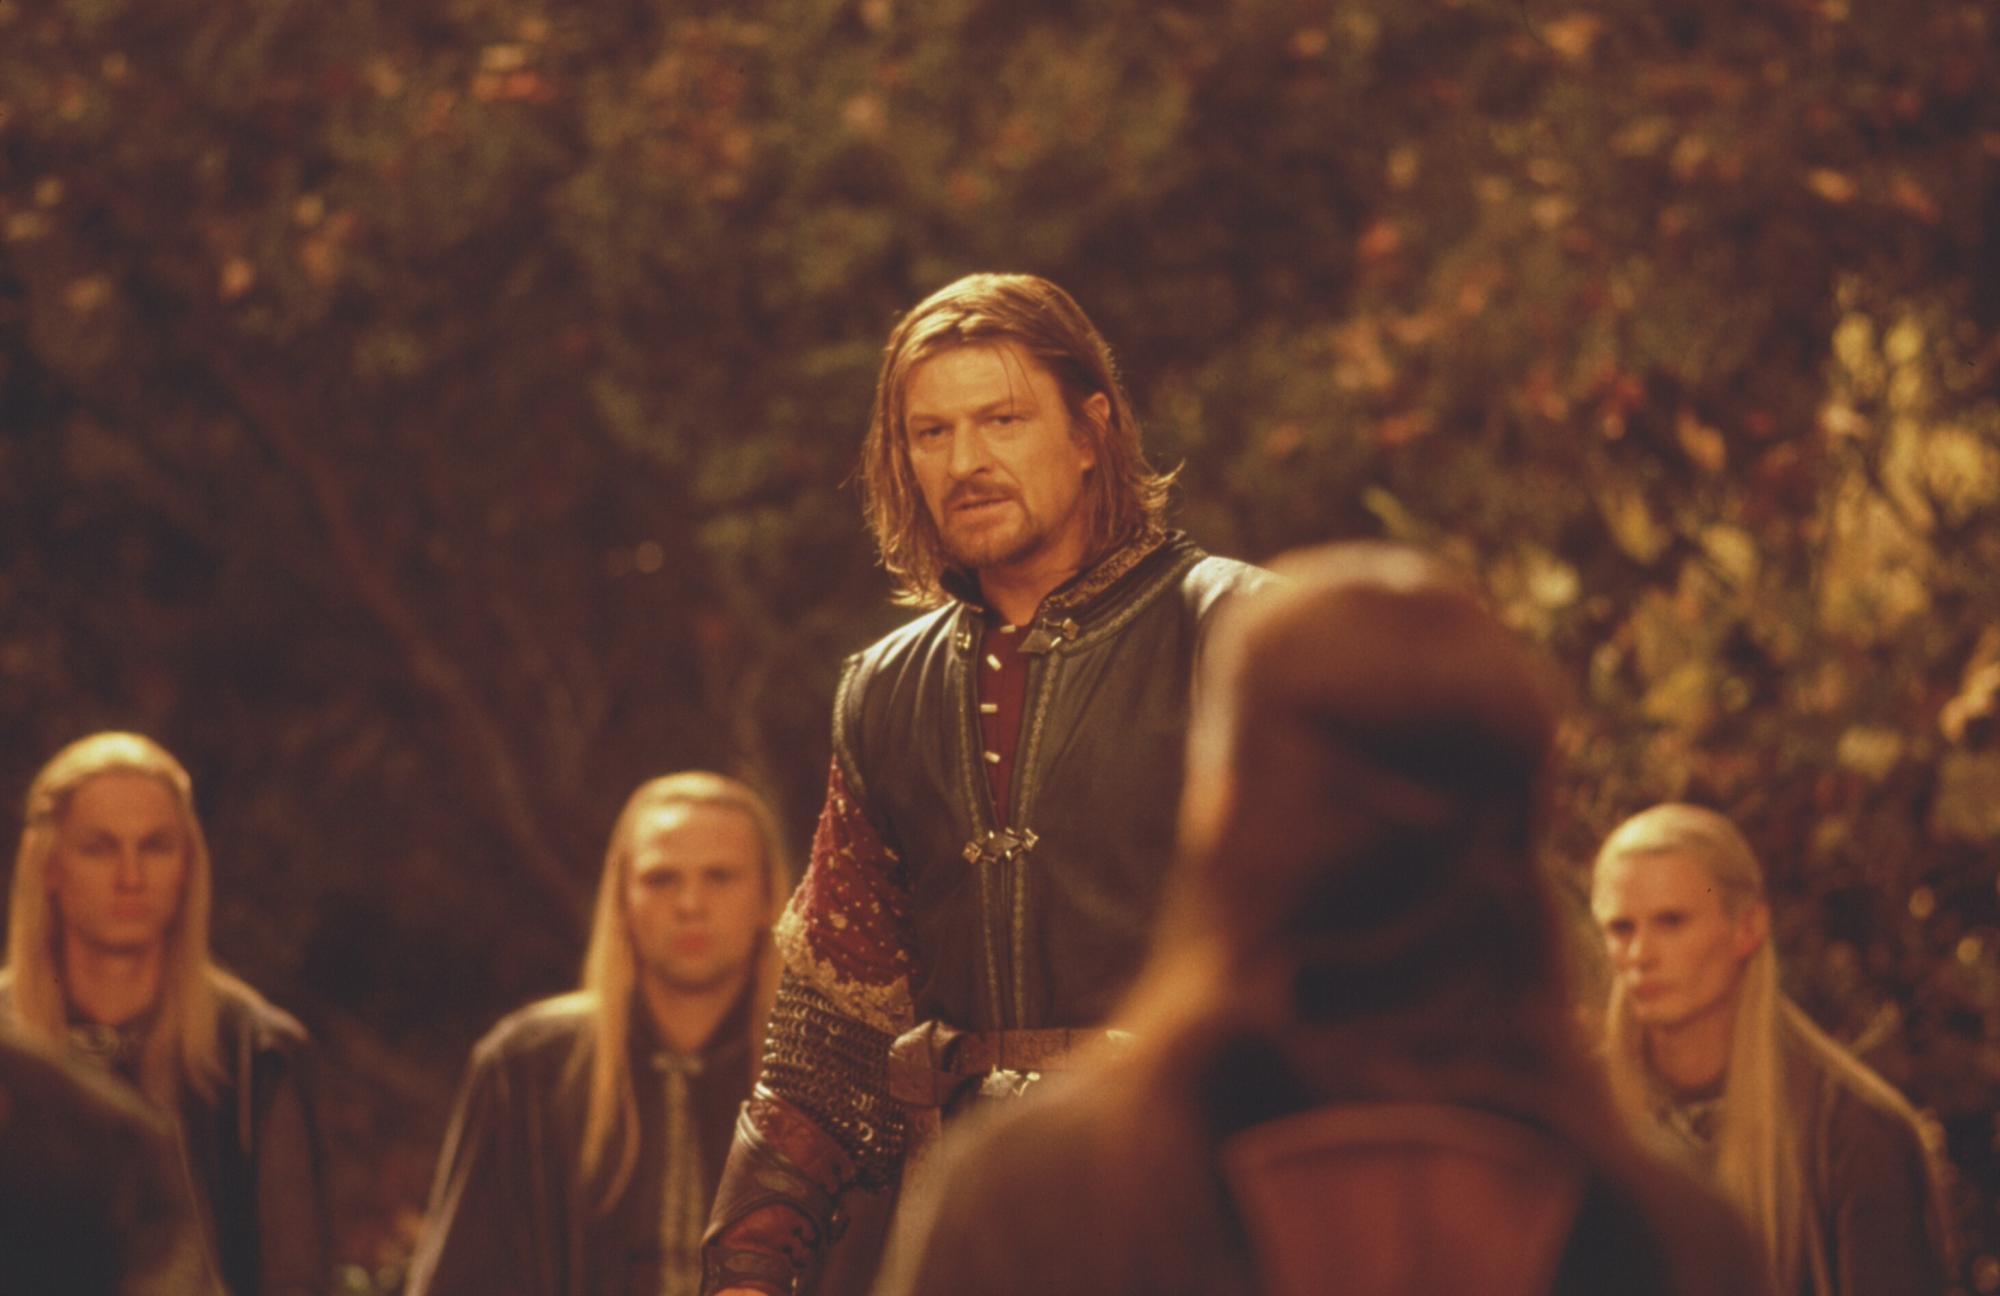 Le Seigneur des Anneaux / The Hobbit #3 49854100000001